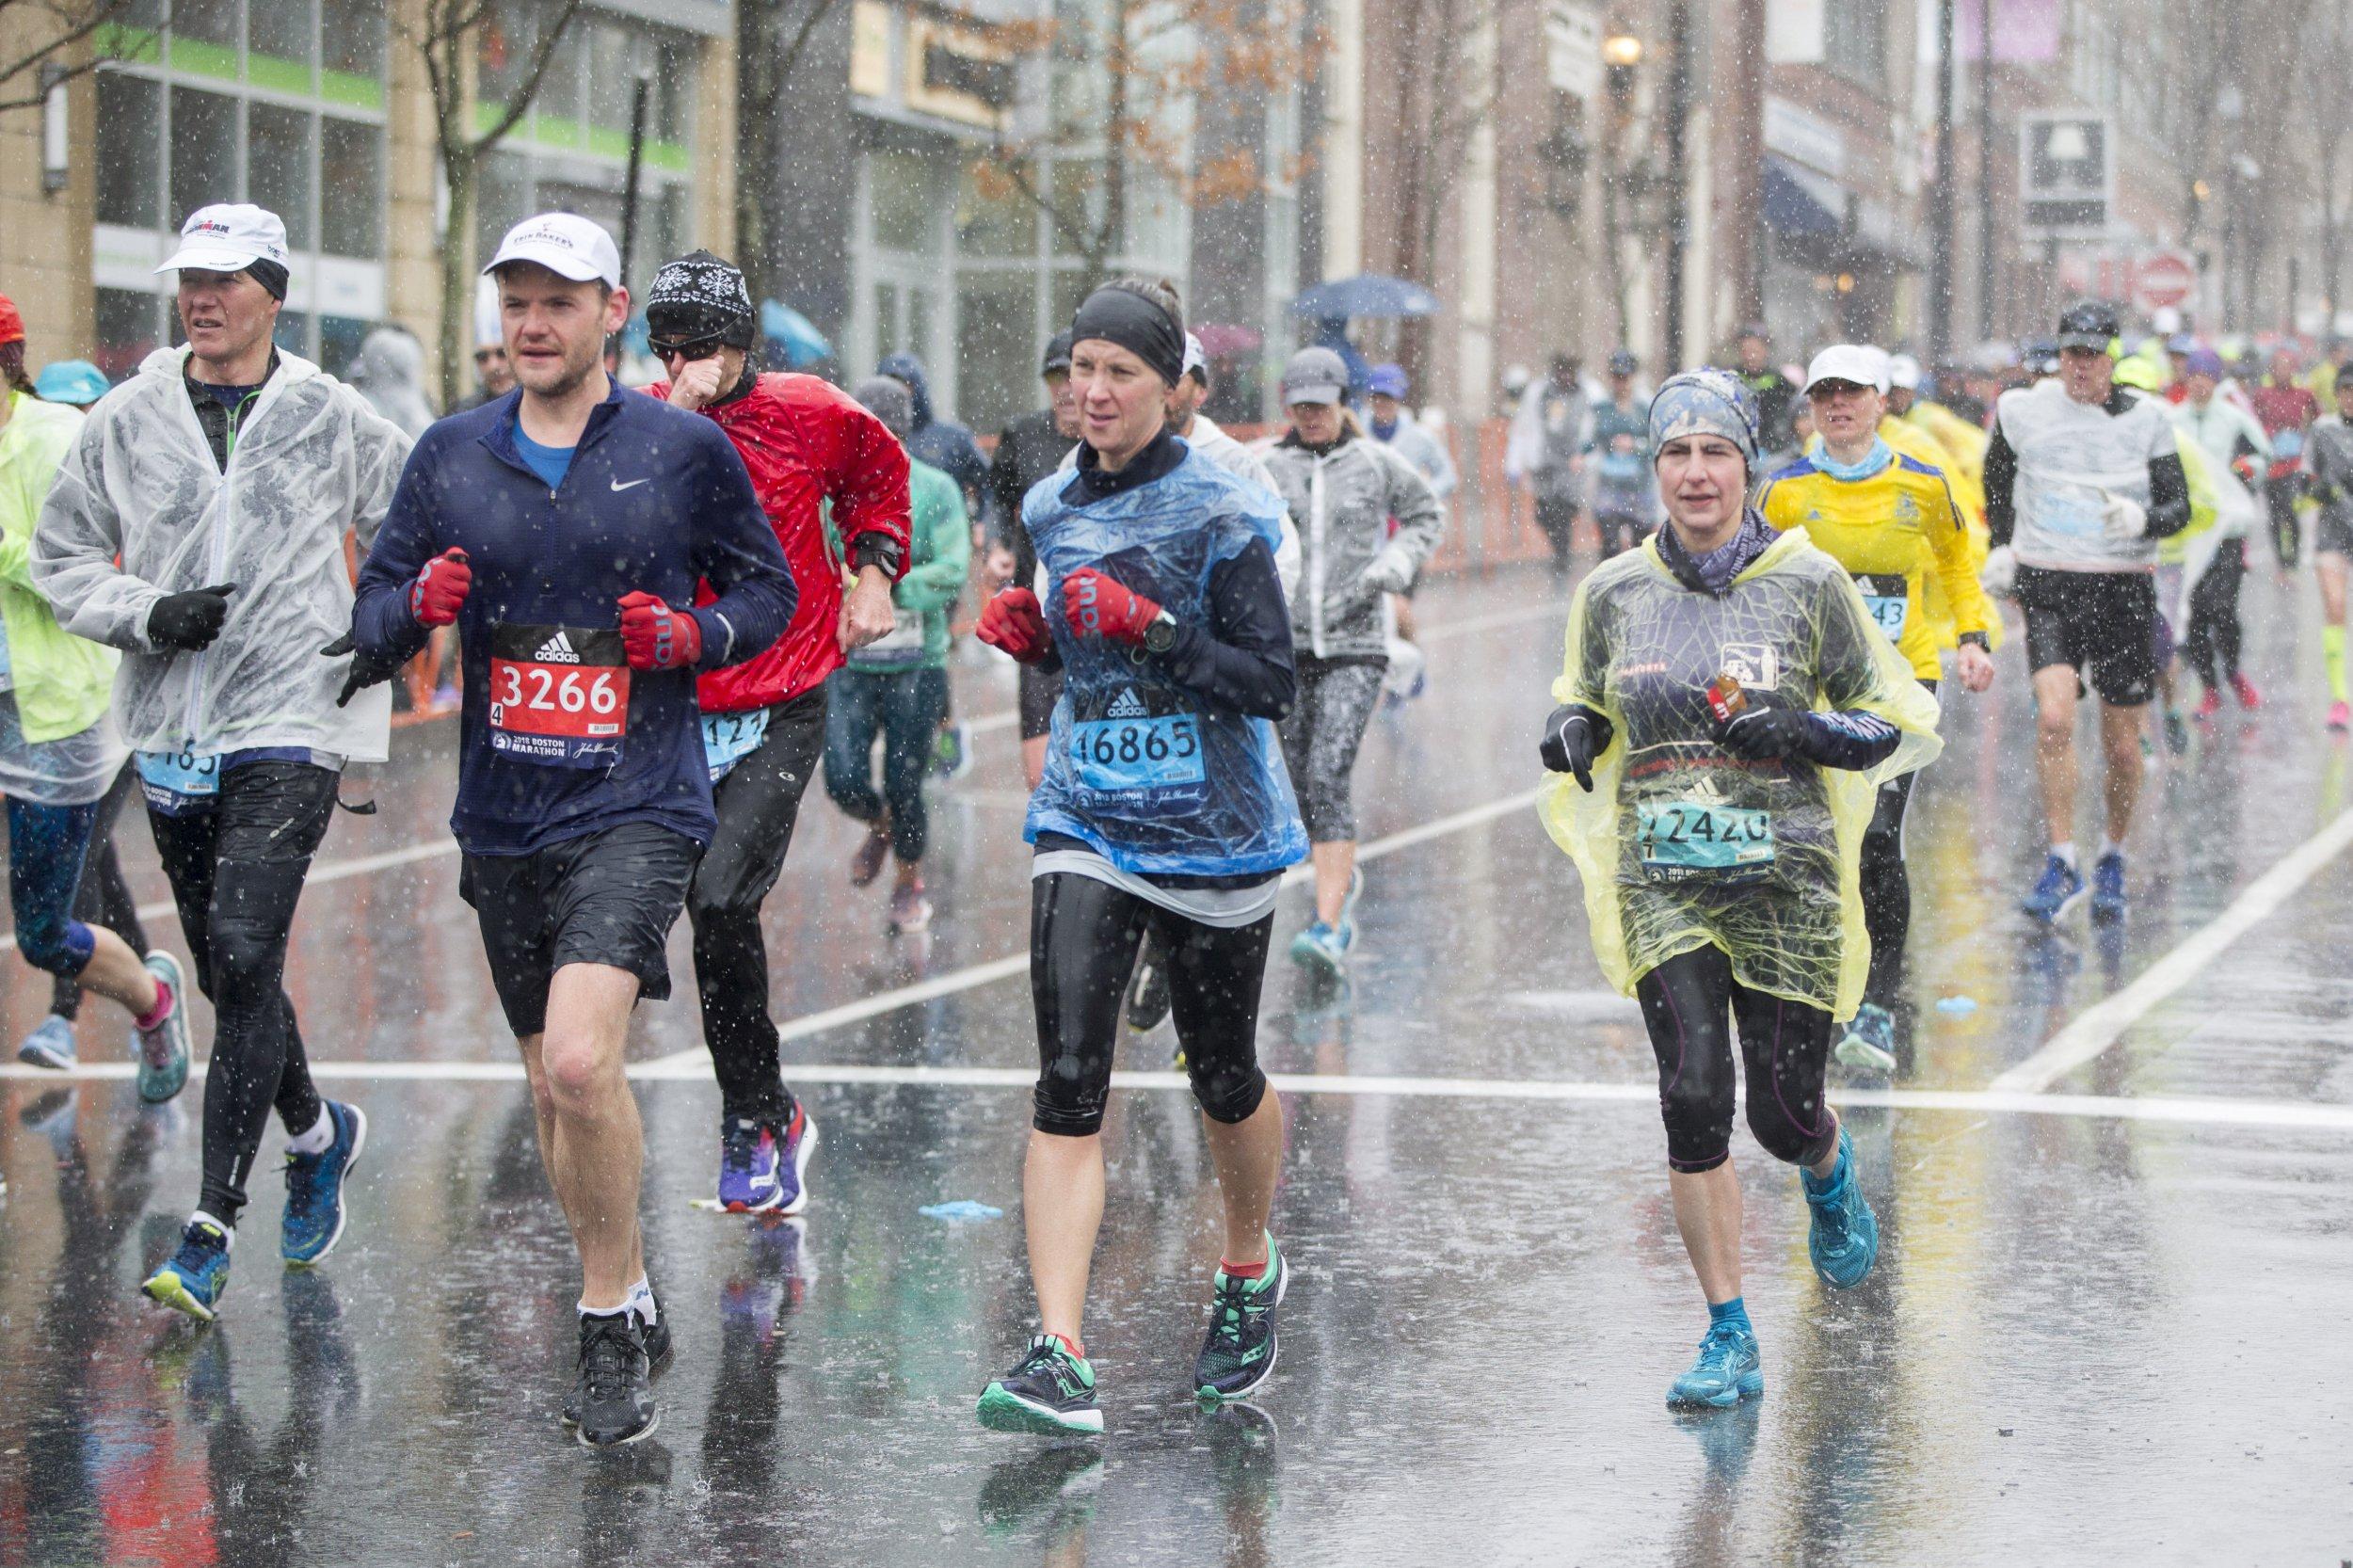 boston, marathon track, runner, route, live, watch, stream